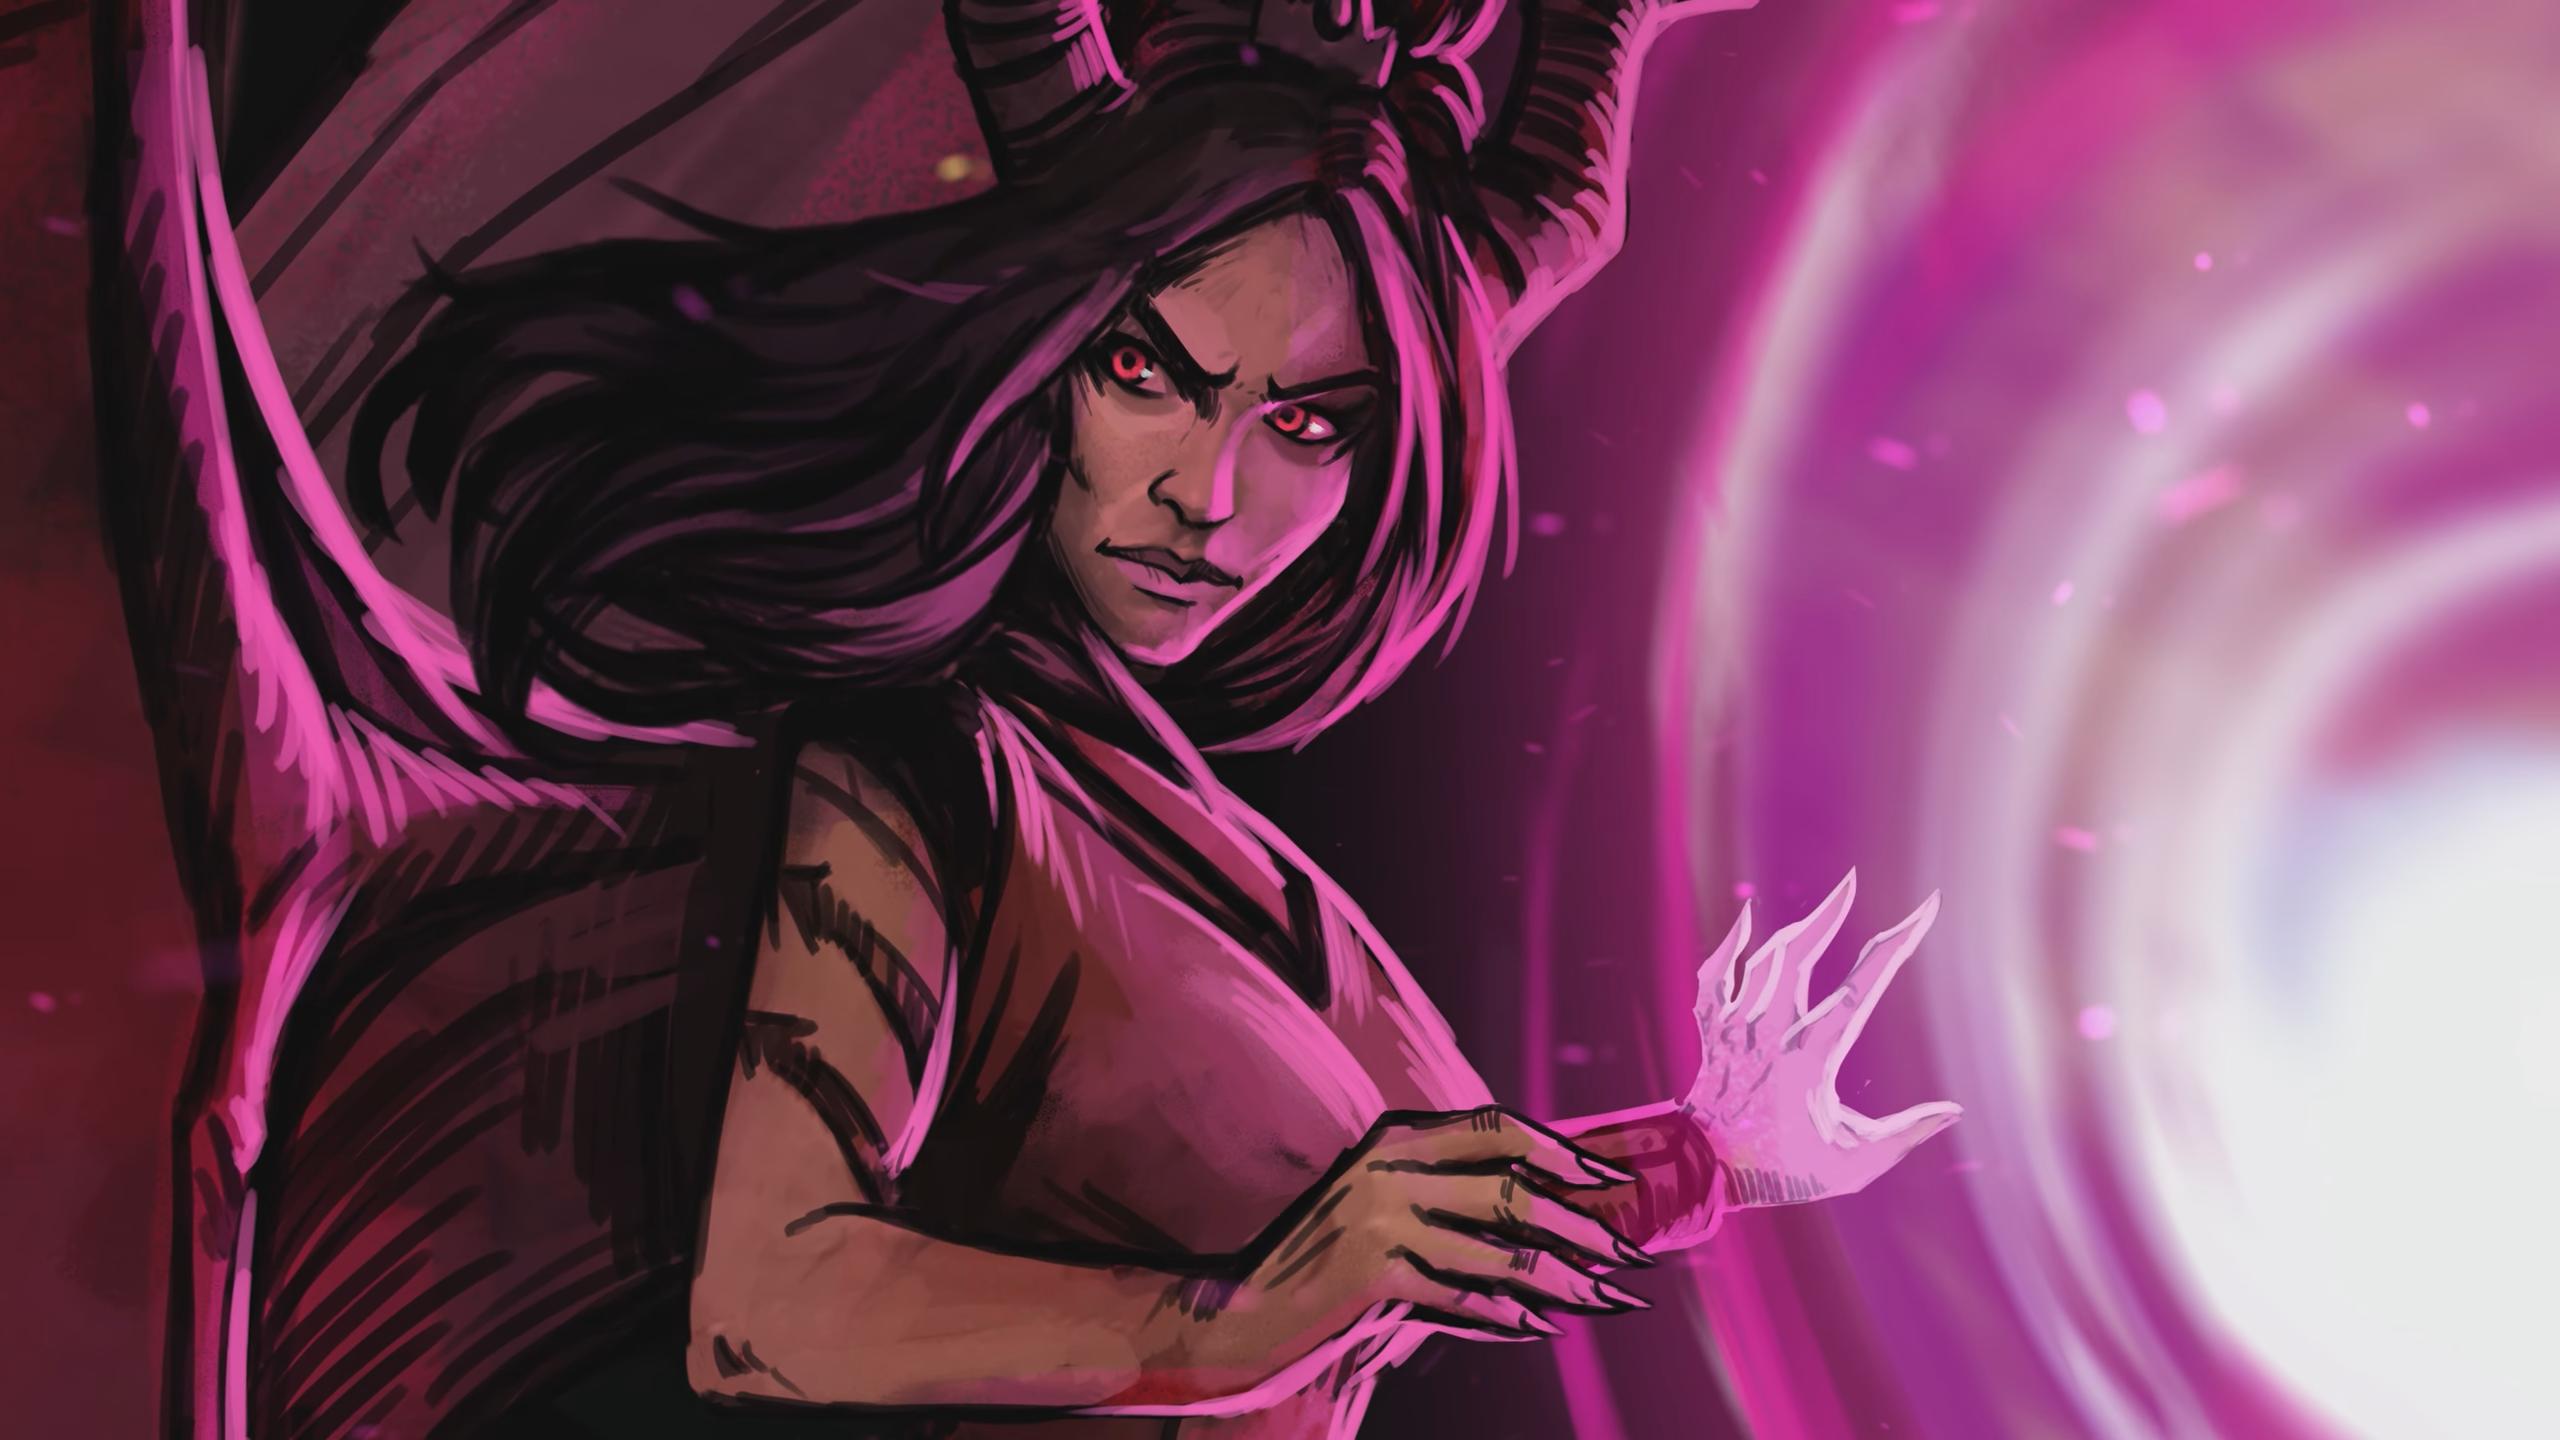 Трейлер Pathfinder: Wrath of the Righteous знакомит нас с демонической злодейкой